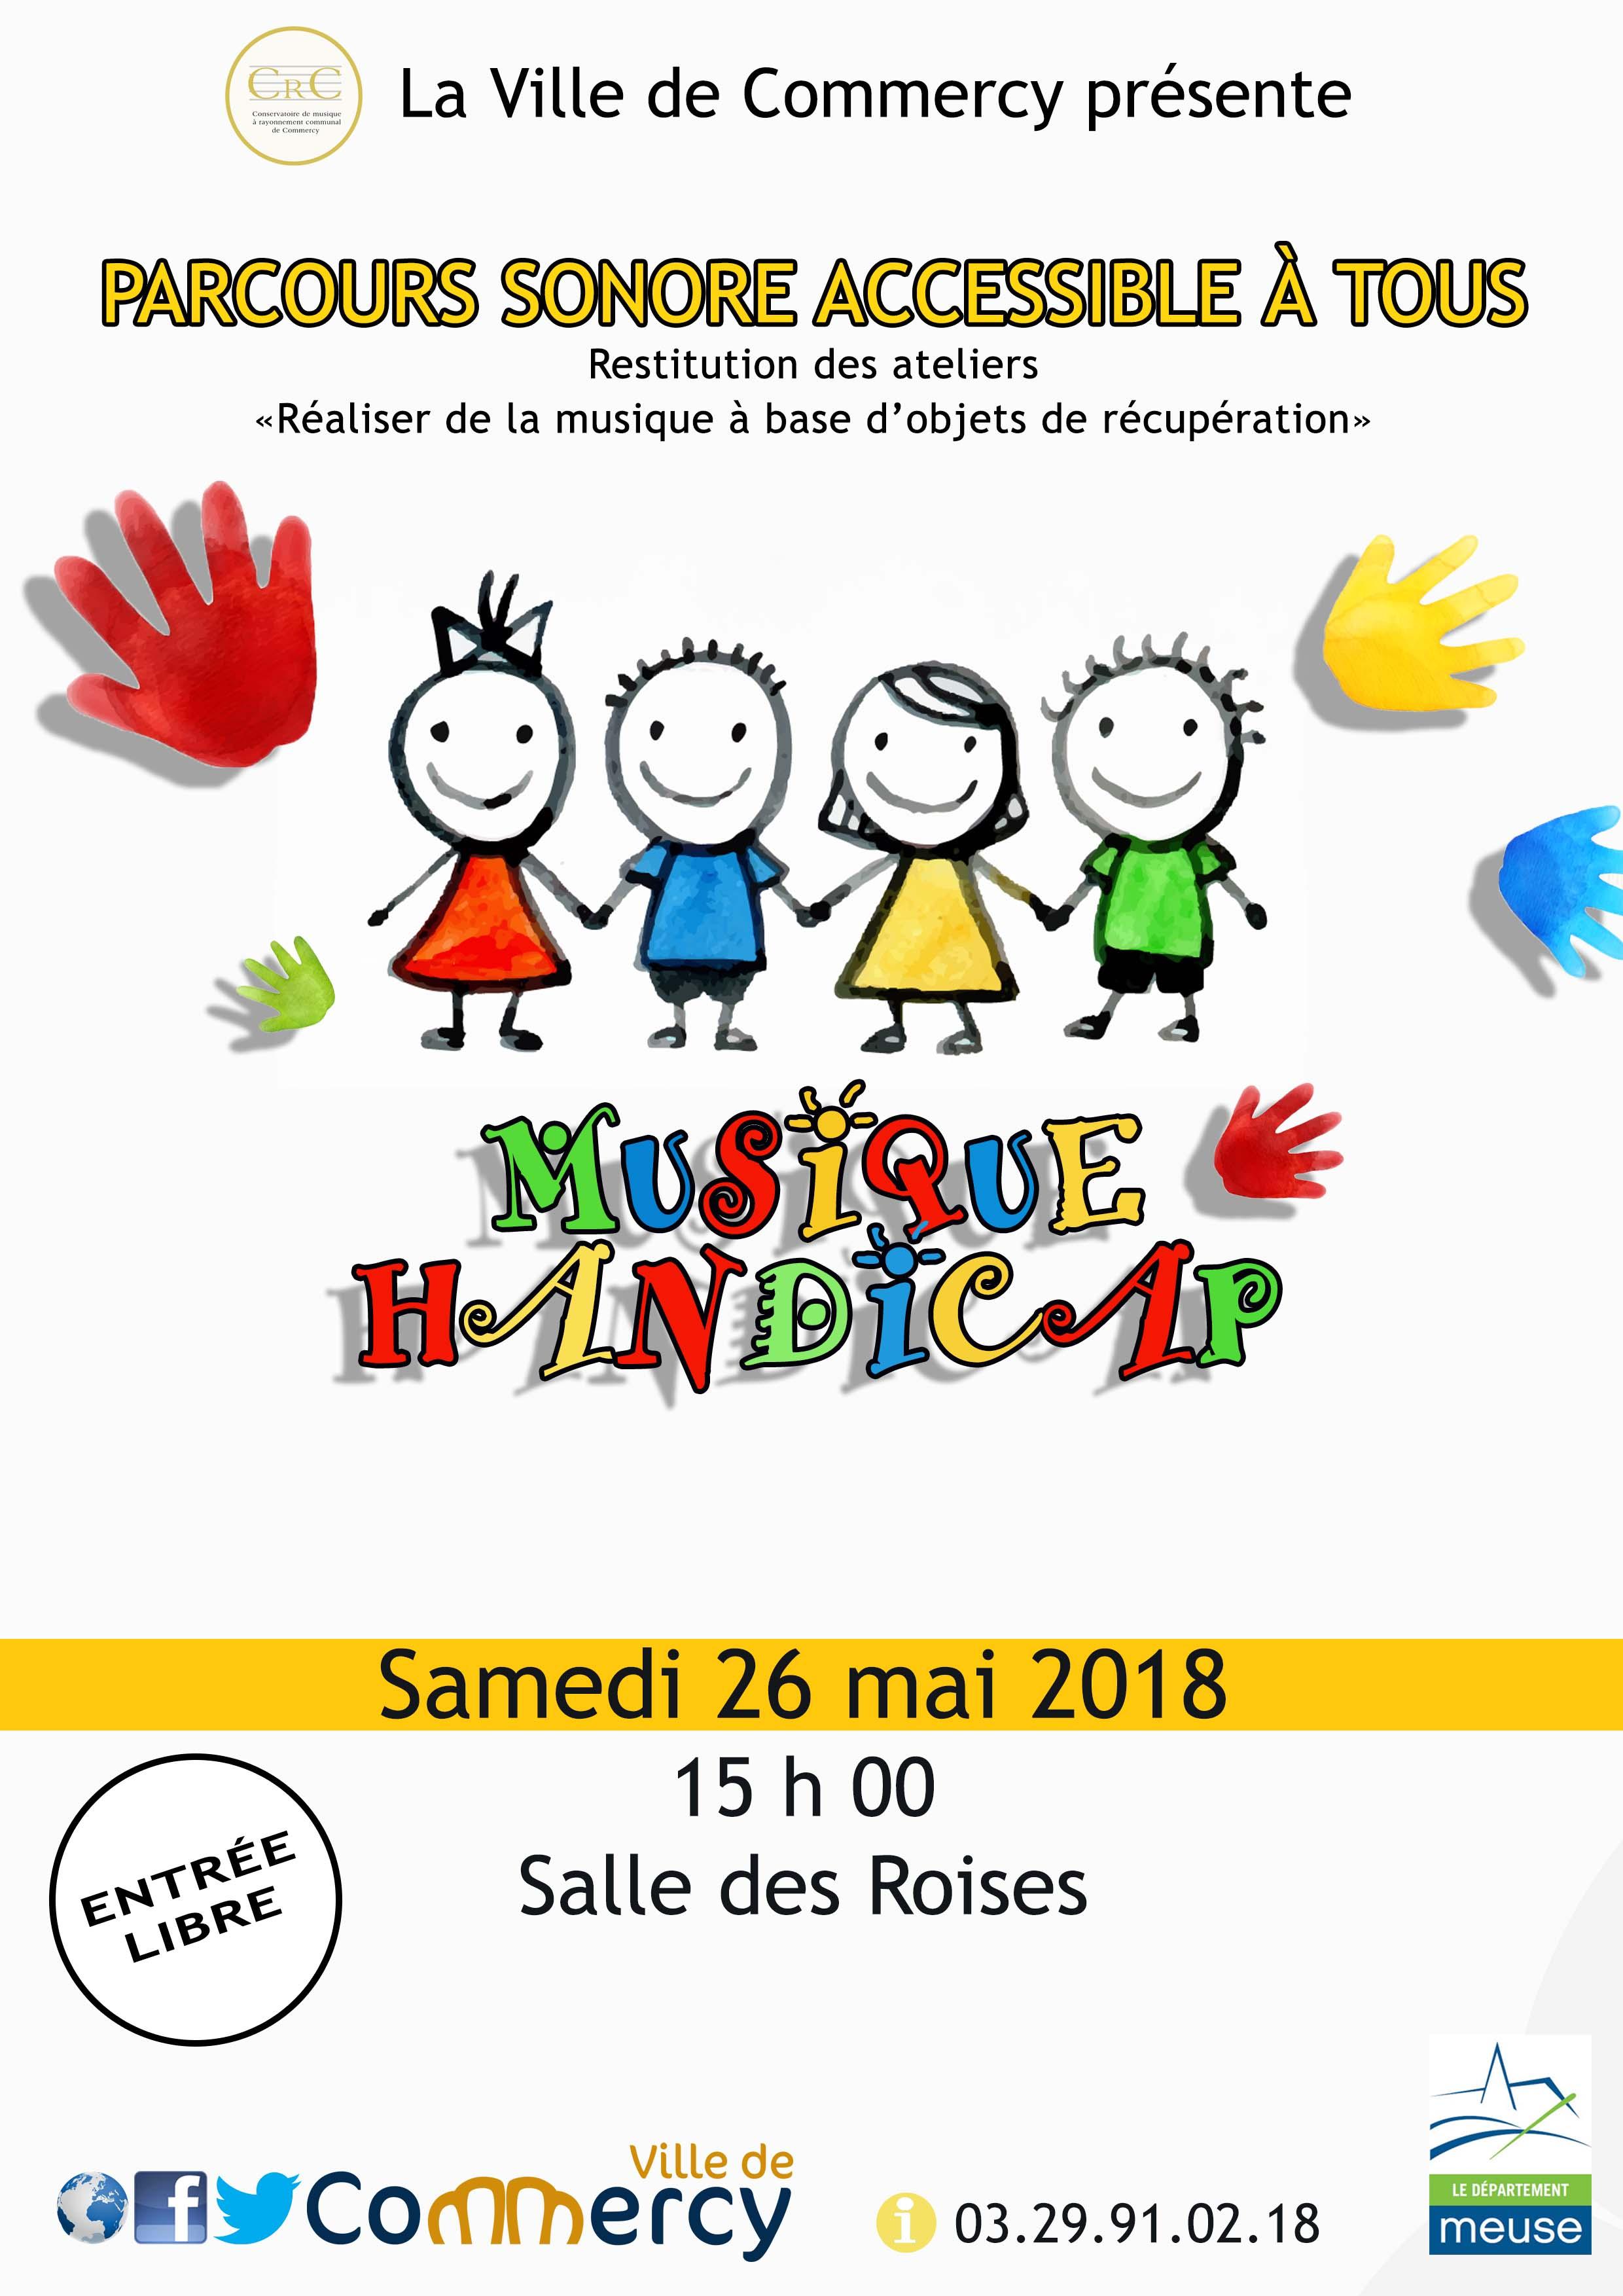 Aff_Conservatoire_MusiqueEtHandicap_20180526